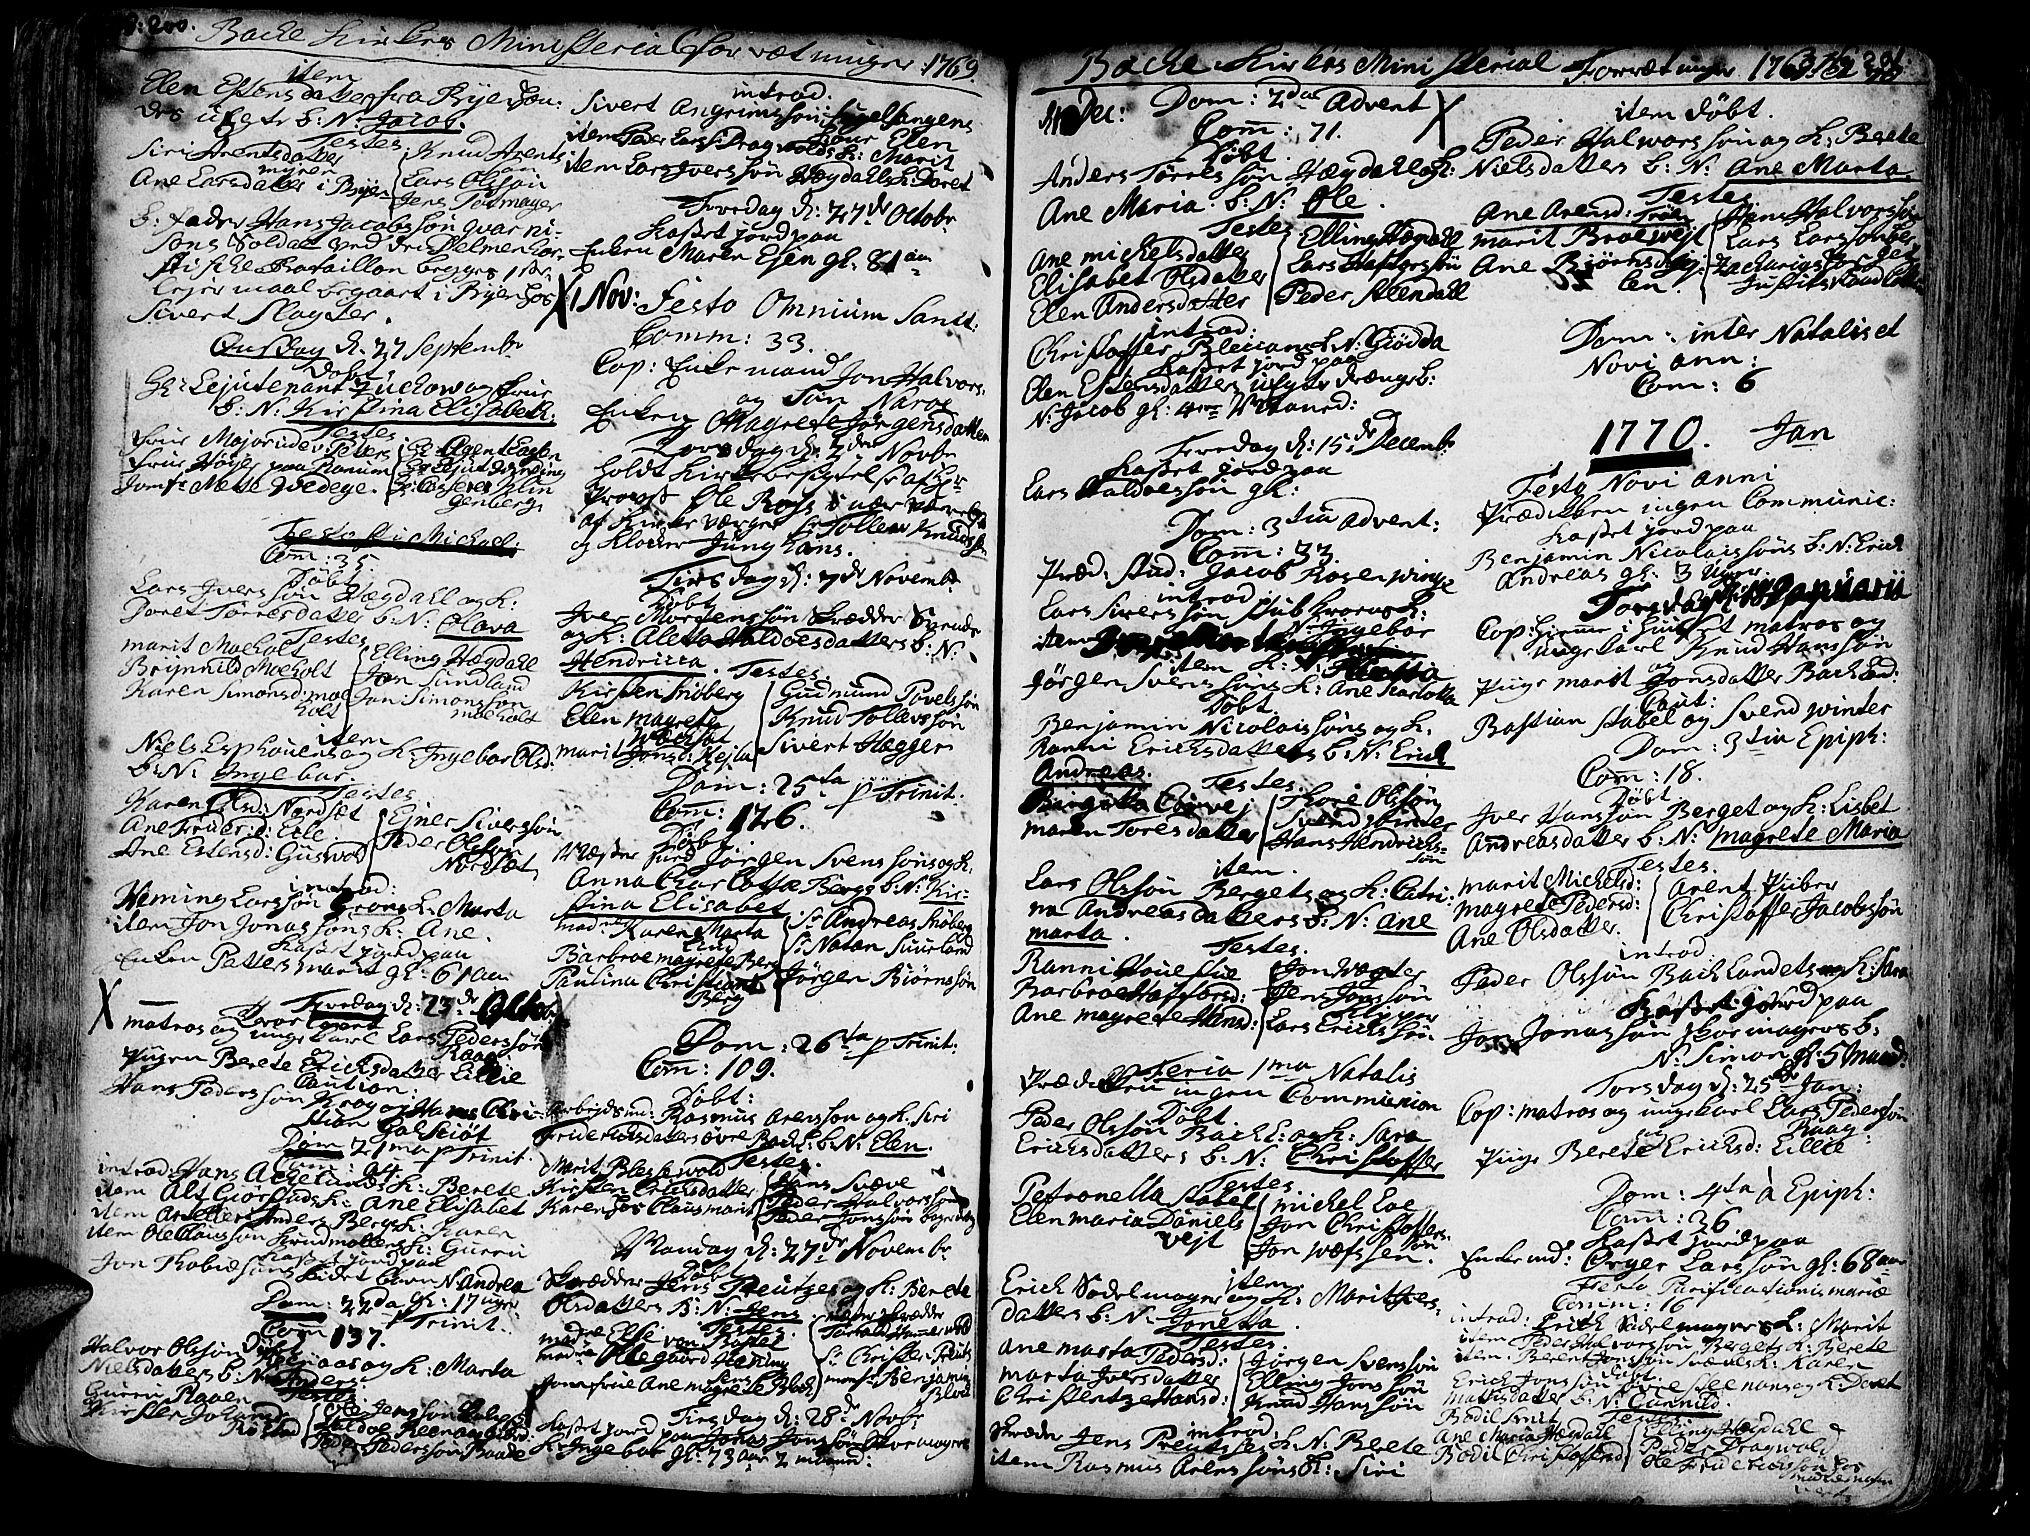 SAT, Ministerialprotokoller, klokkerbøker og fødselsregistre - Sør-Trøndelag, 606/L0276: Ministerialbok nr. 606A01 /2, 1727-1779, s. 200-201